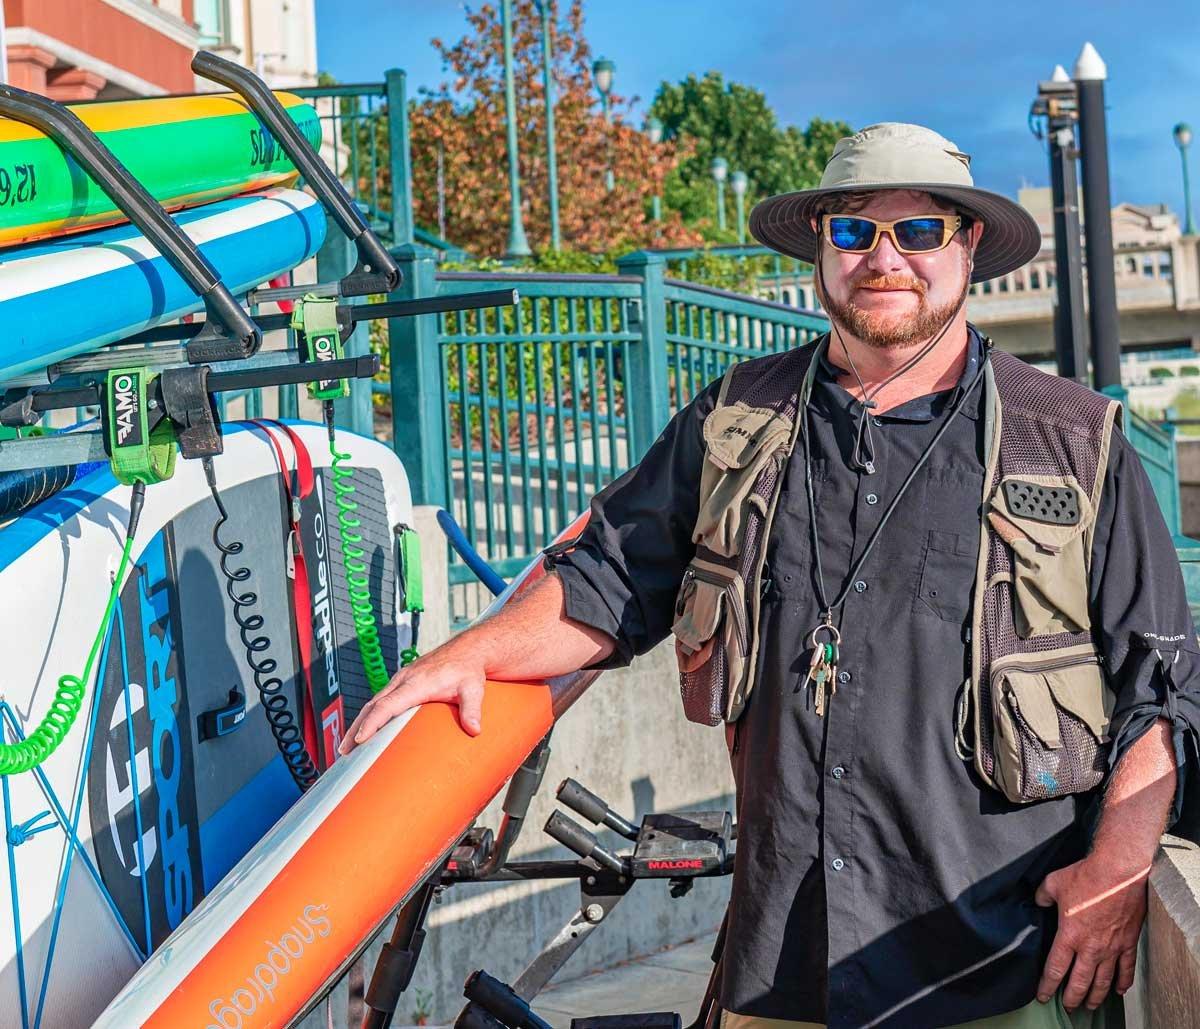 Buy Kayak & Paddleboard in Napa, CA